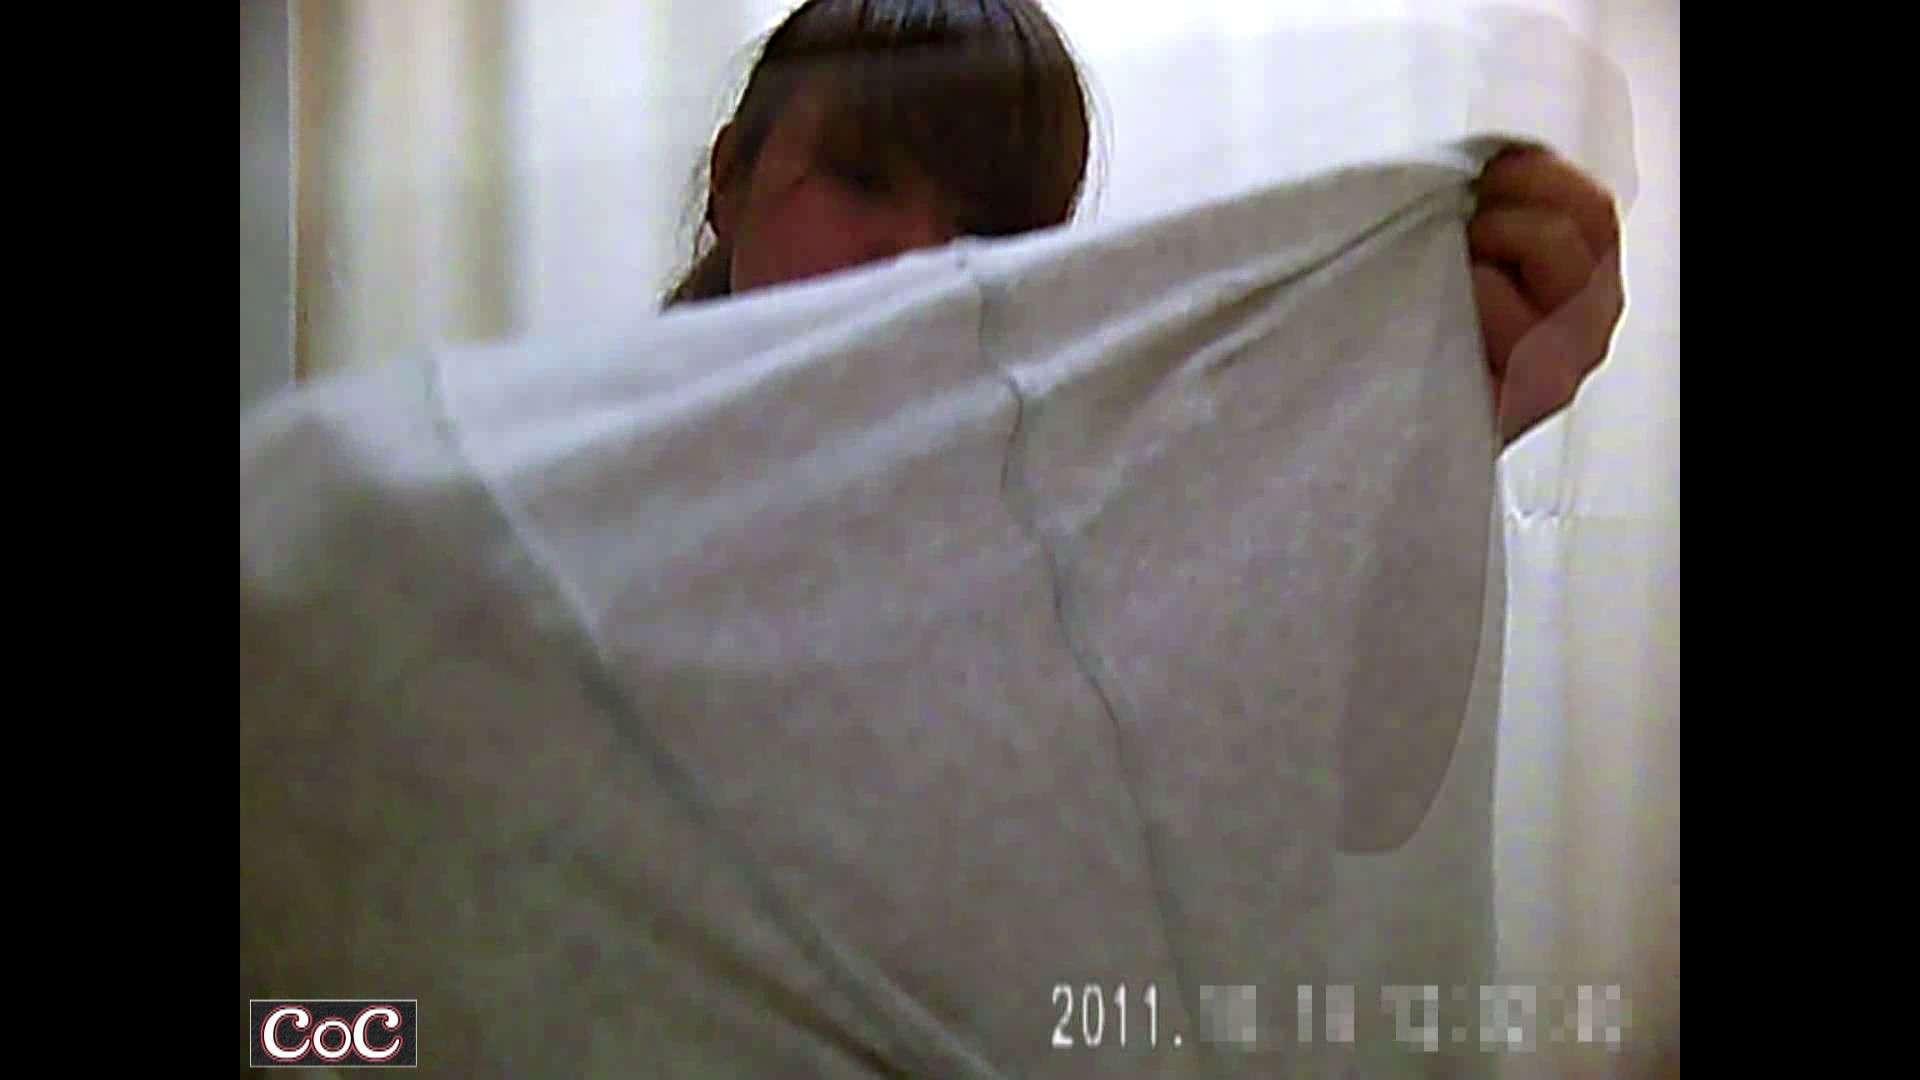 病院おもいっきり着替え! vol.59 乳首ポロリ 隠し撮りオマンコ動画紹介 85画像 67